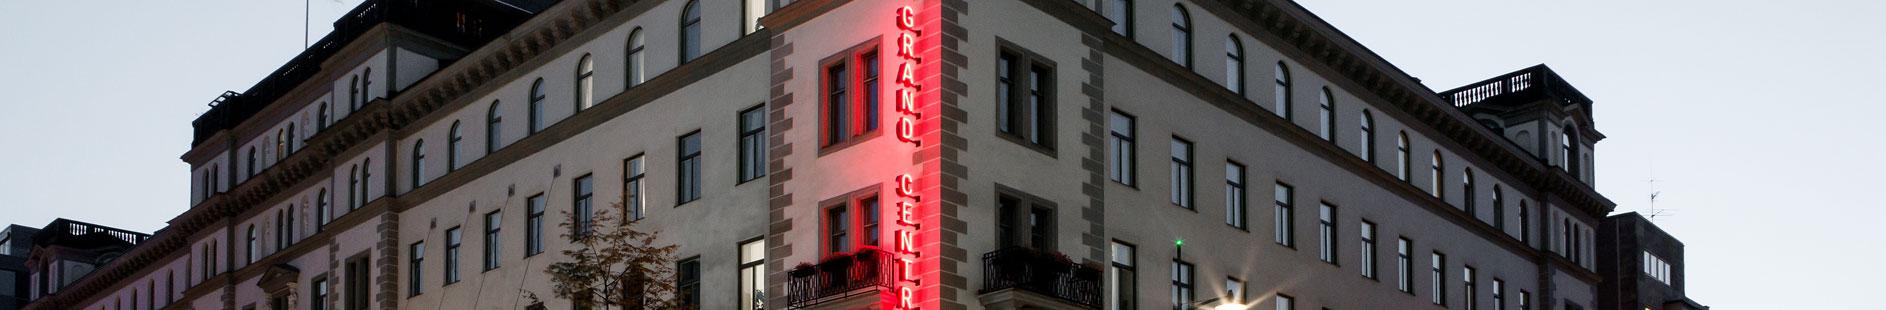 Scandic Grand Central Konferensanläggningar.se